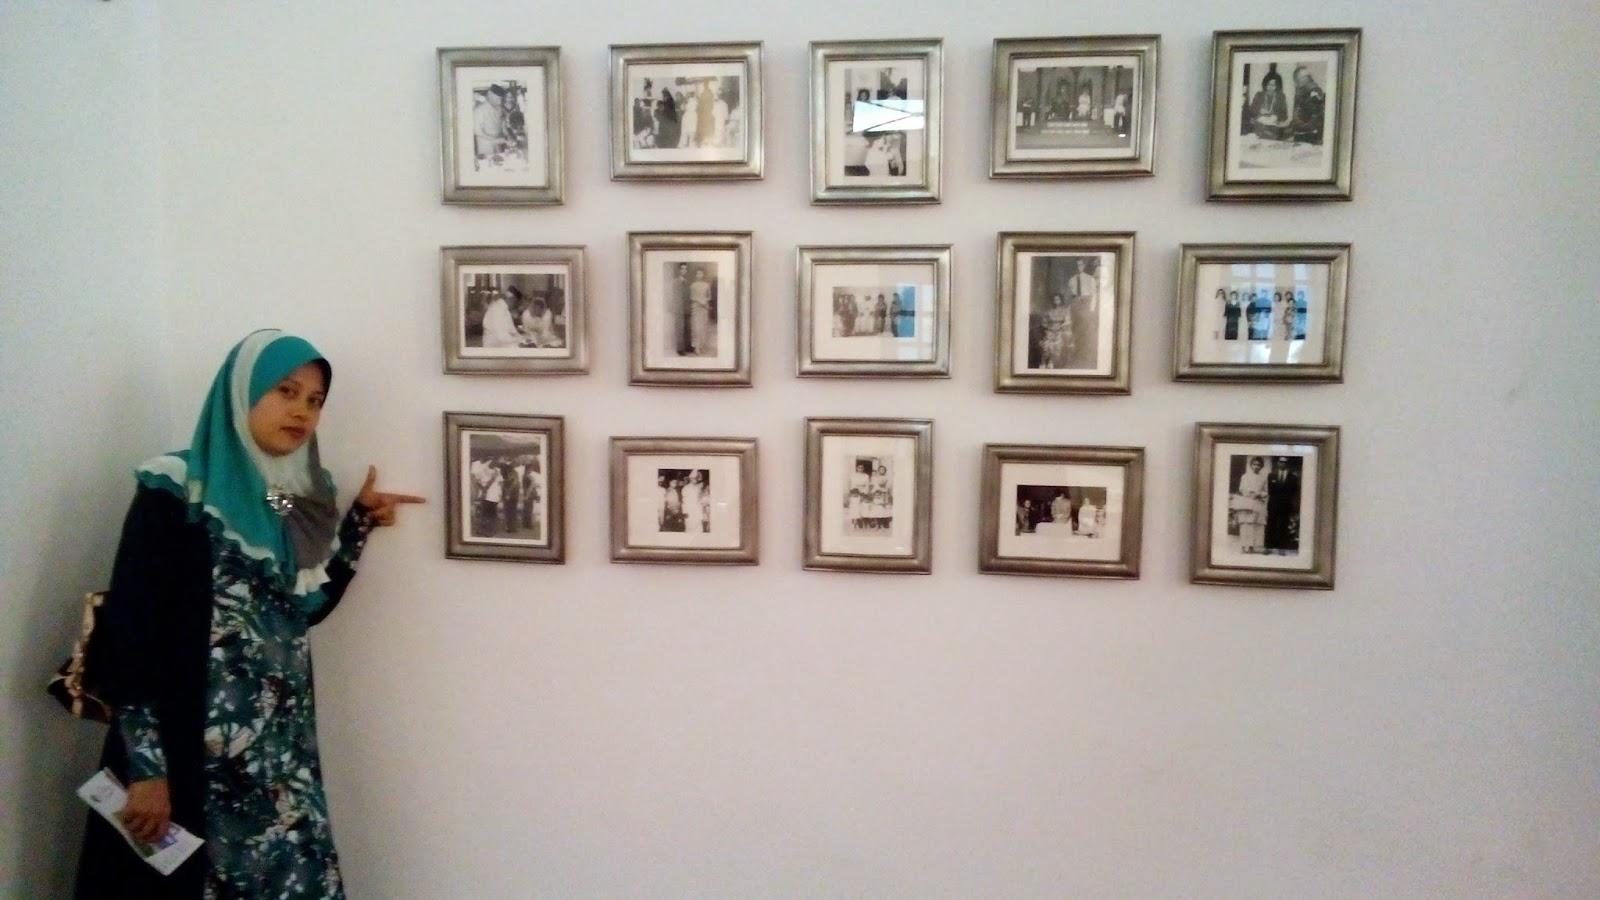 galeri sejarah pahang